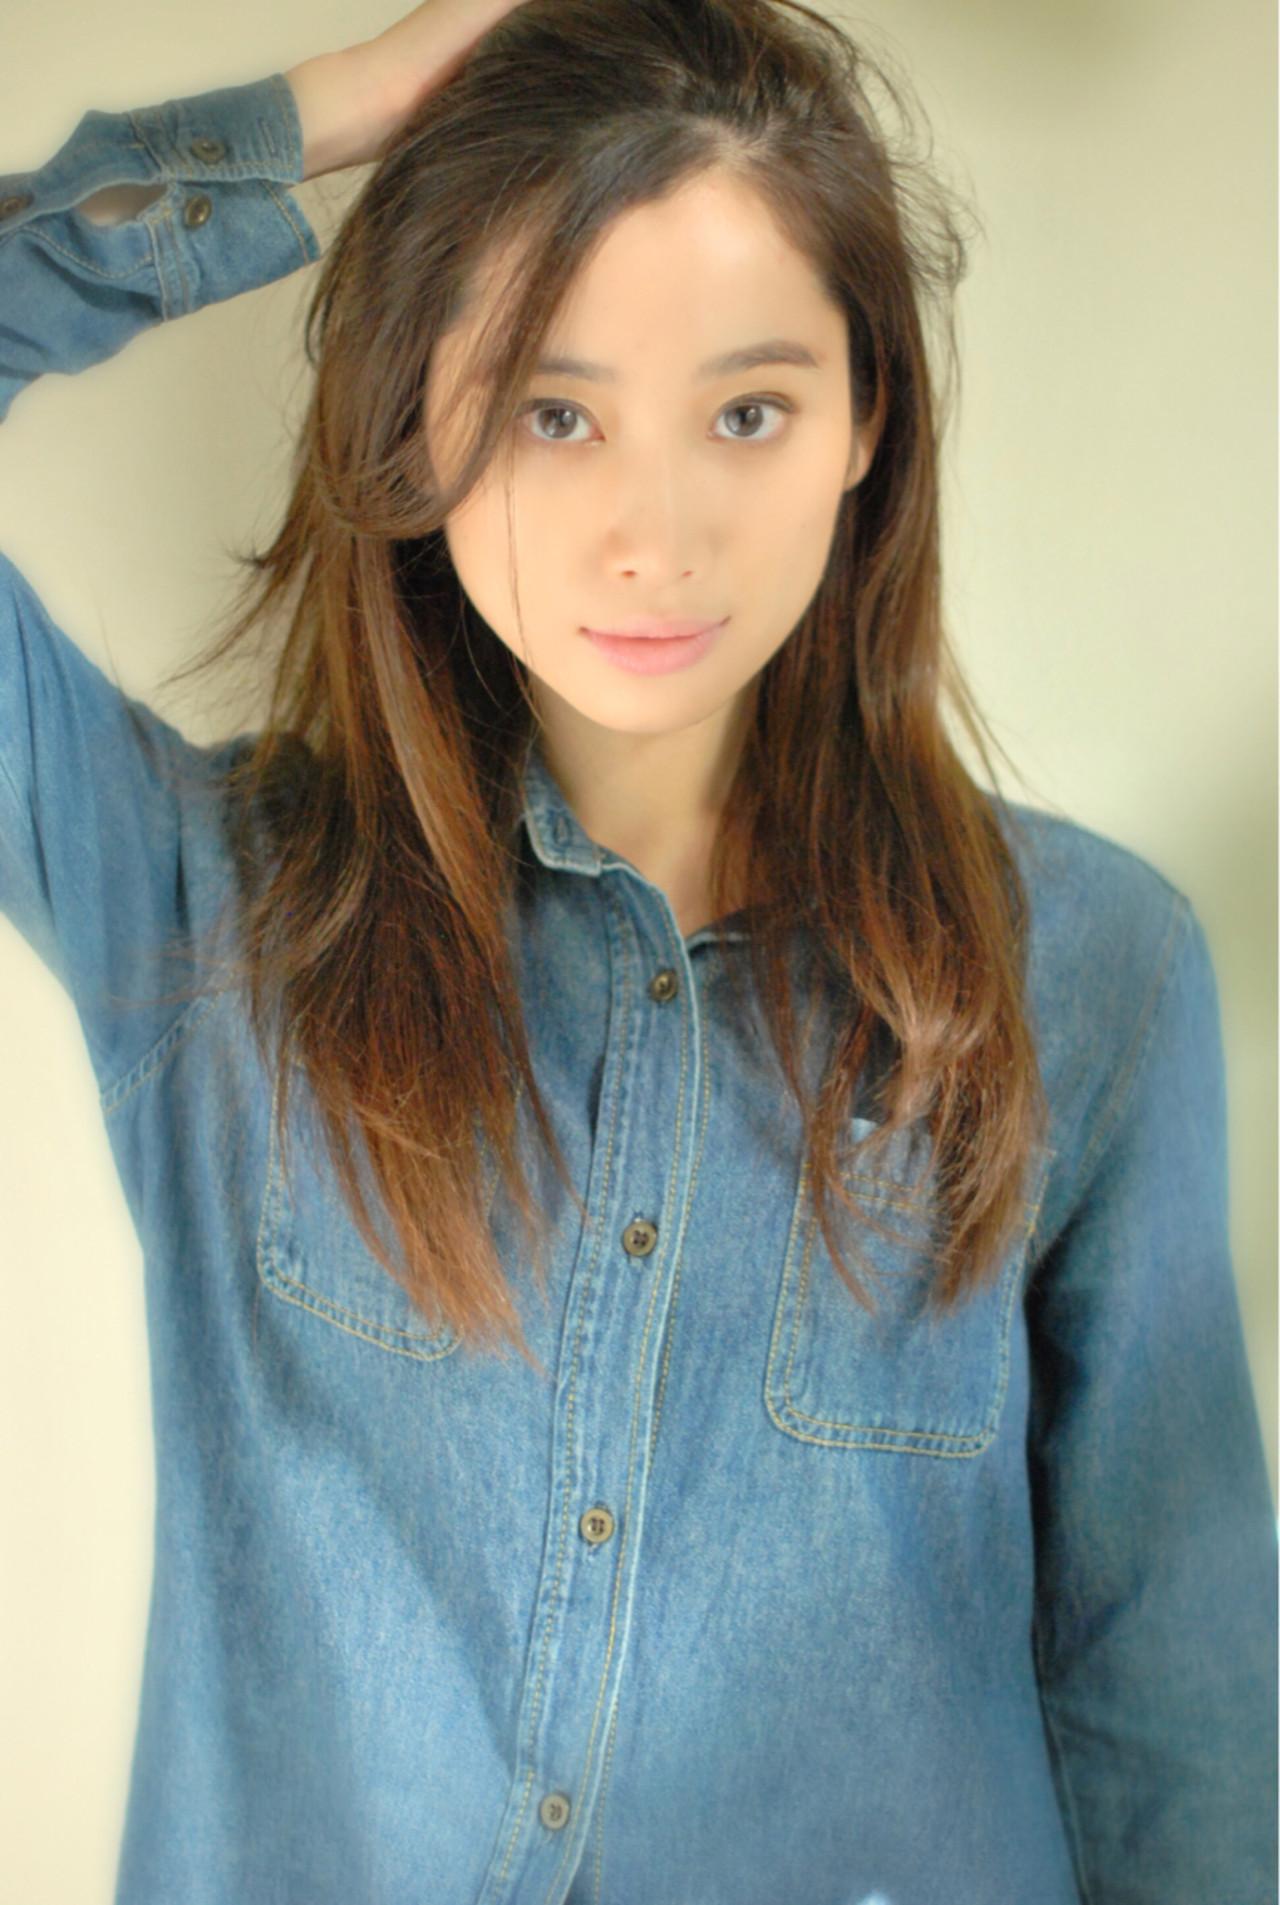 リラックス 前髪あり ナチュラル アッシュ ヘアスタイルや髪型の写真・画像 | 千田 営司 / La familia